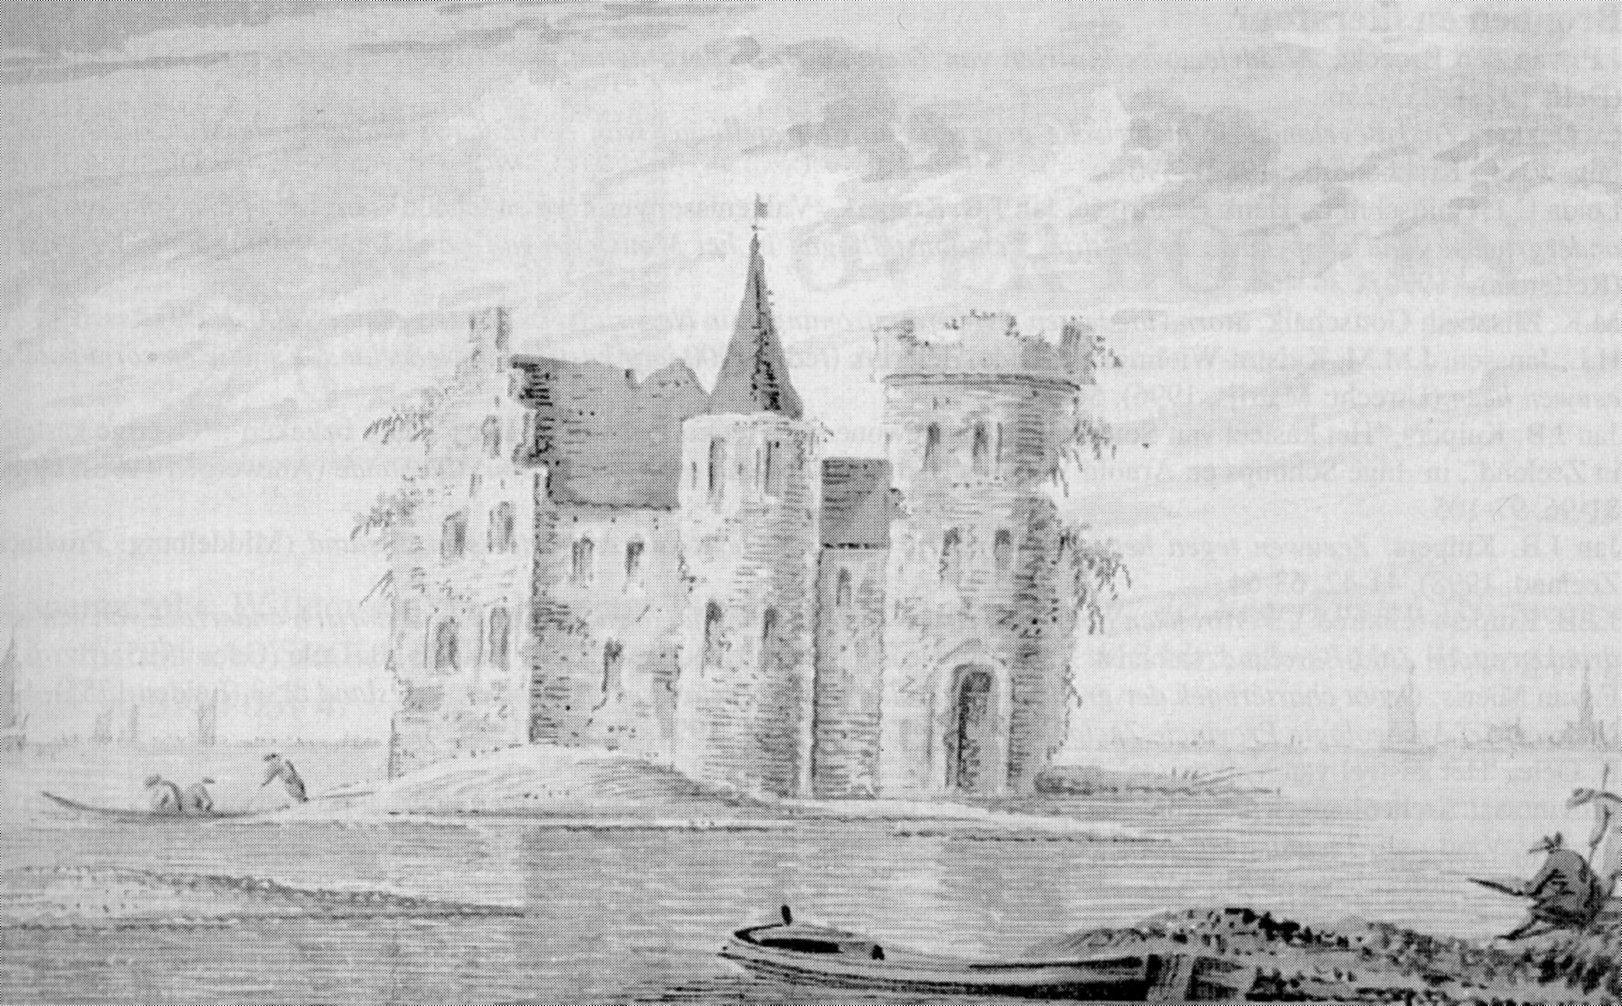 Het kasteel van Lodijke; fantastietekening uit de achttiende eeuw.